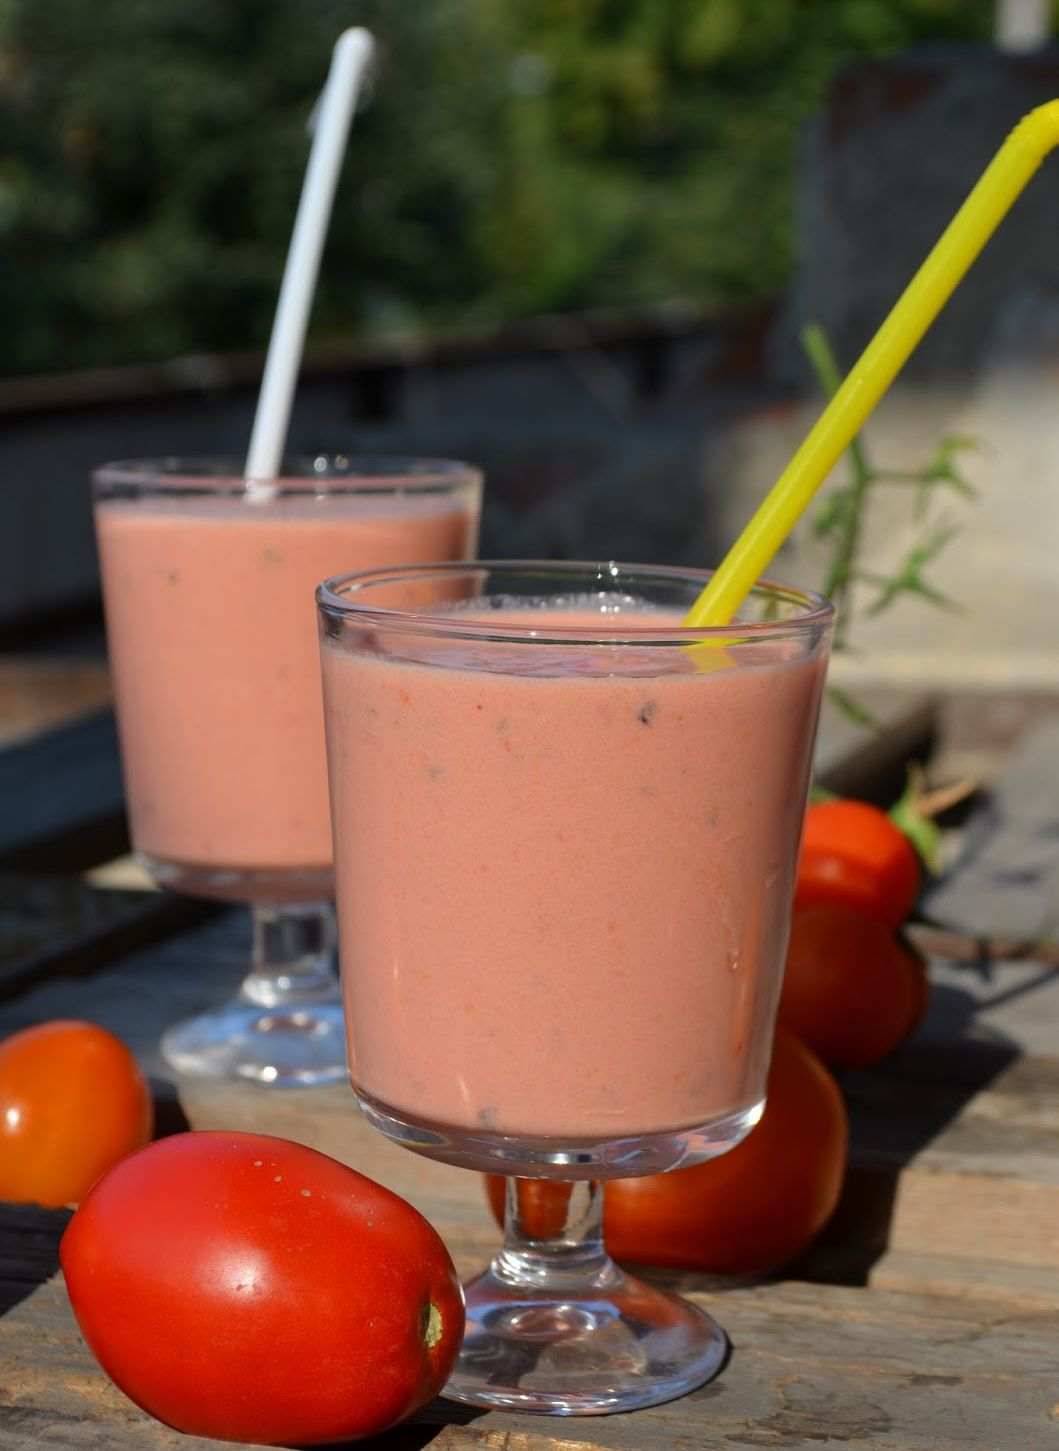 желтая и белая соломинки в бокалах, помидоры